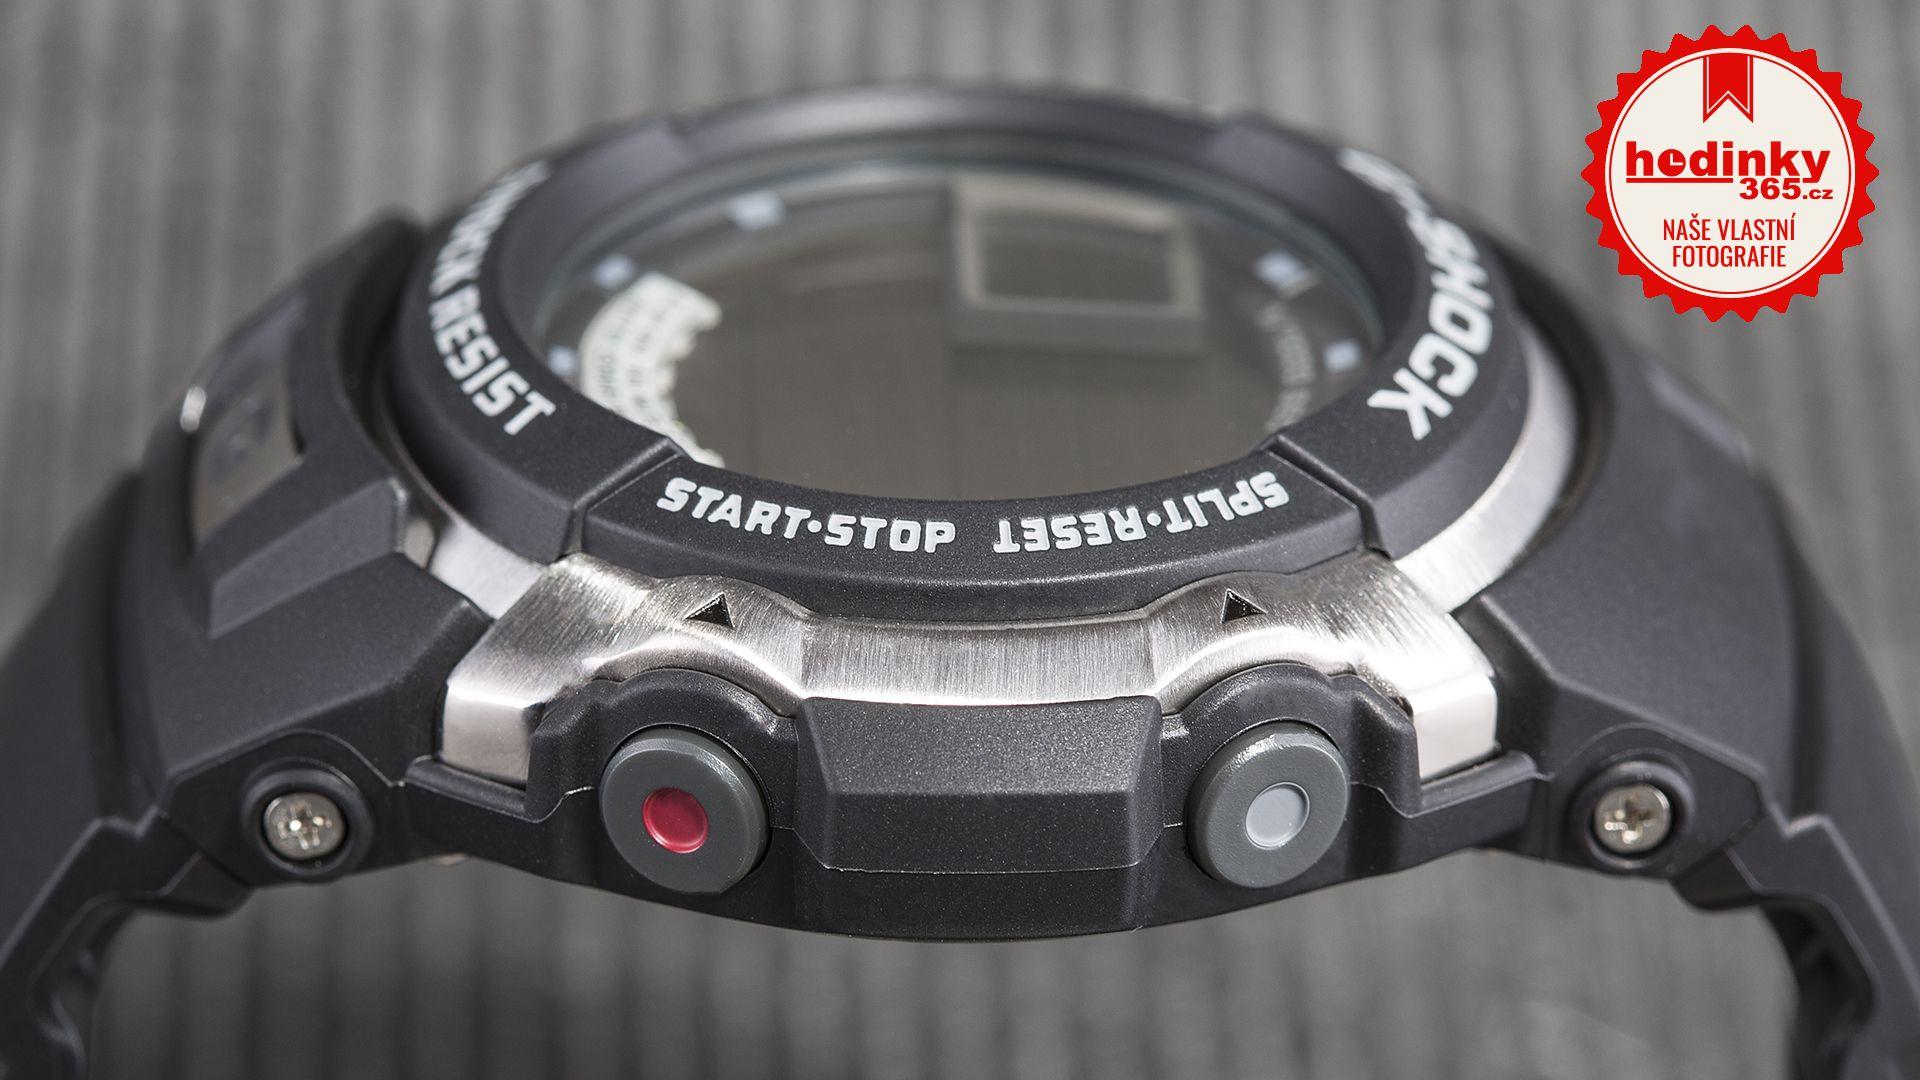 Casio G-Shock Original G-7700-1ER. Pánské hodinky - pryskyřicový řemínek f7b24f48261